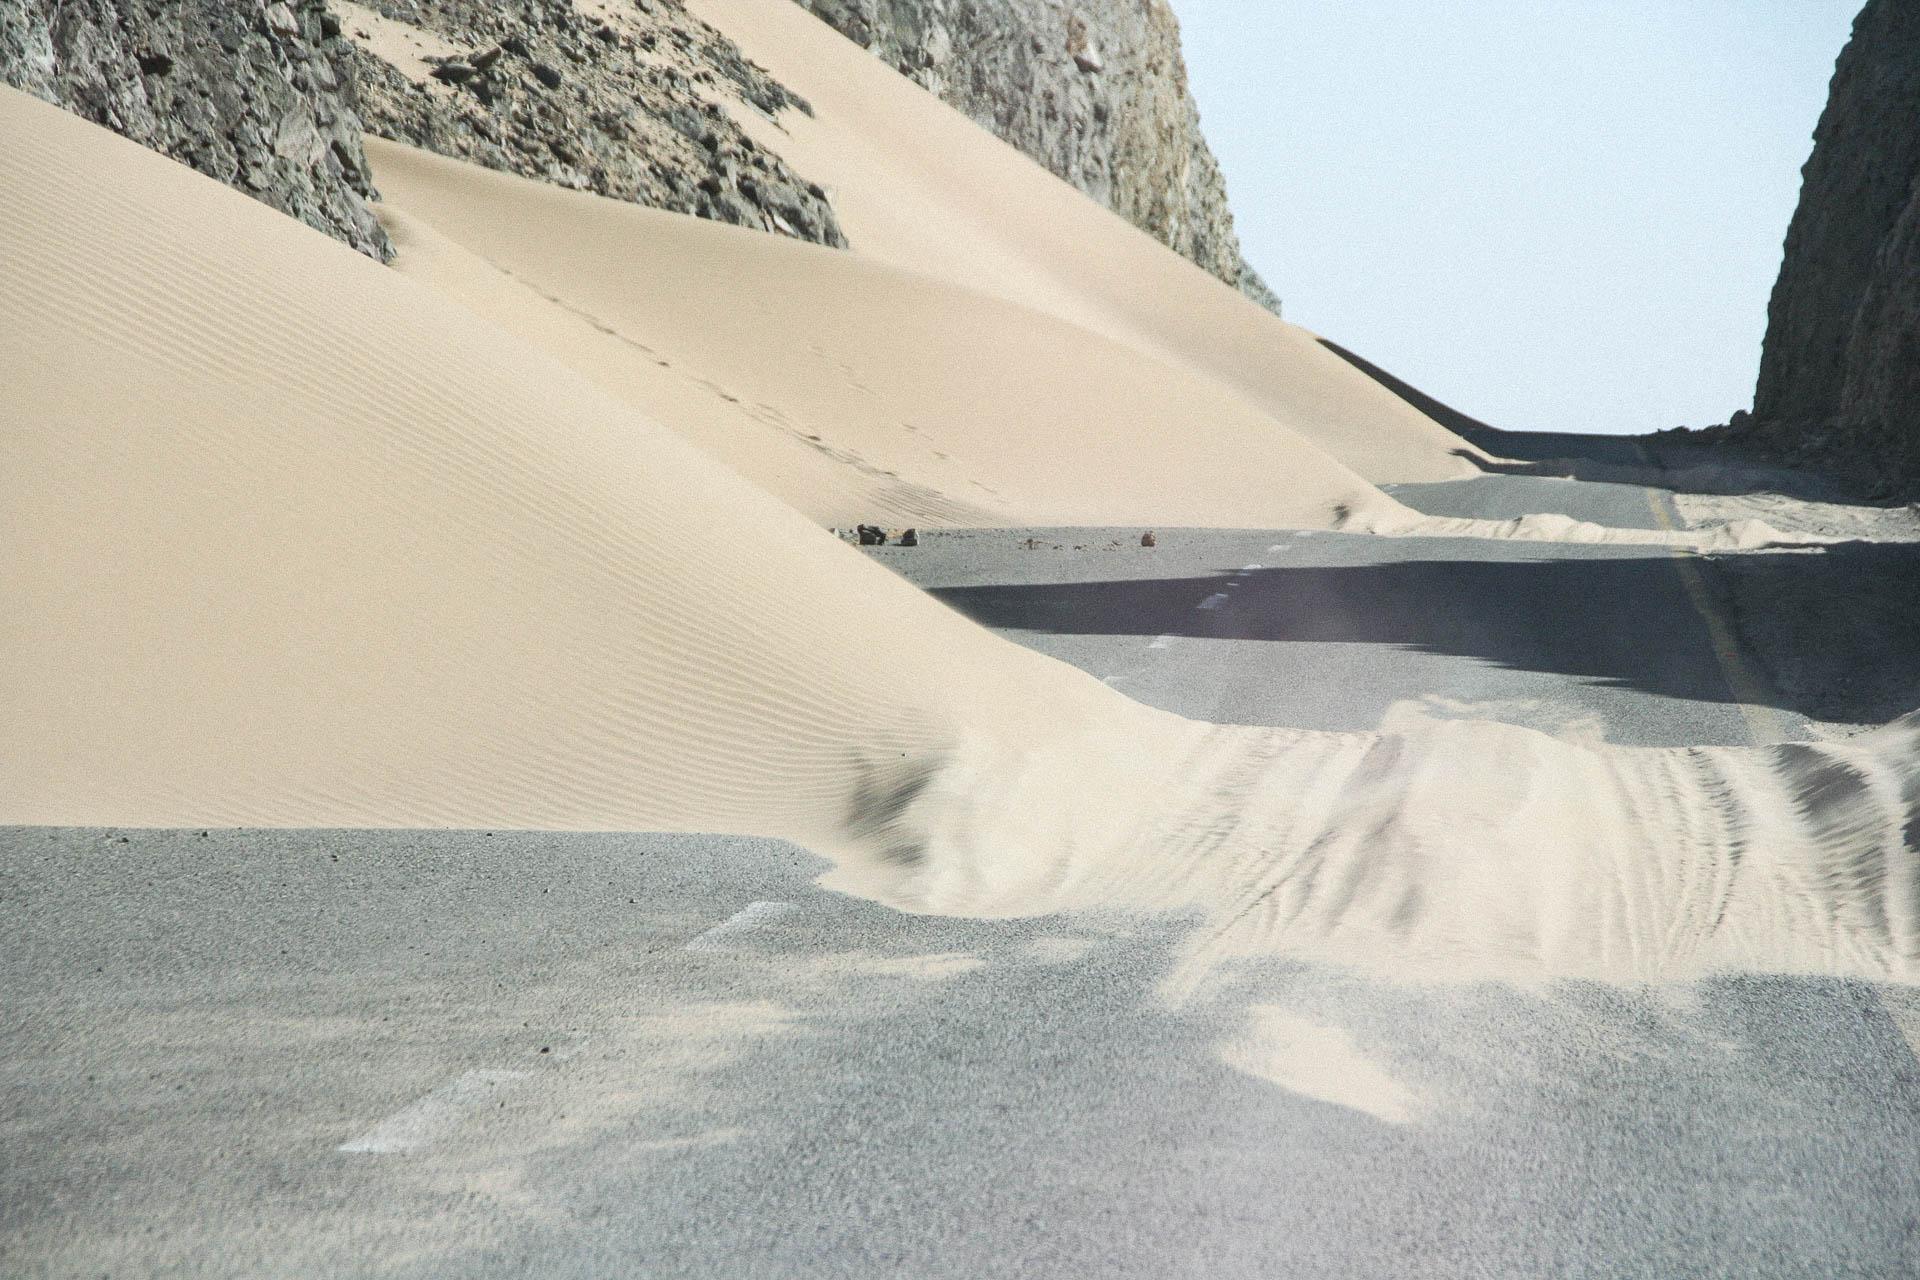 Wüstensand auf der Strasse